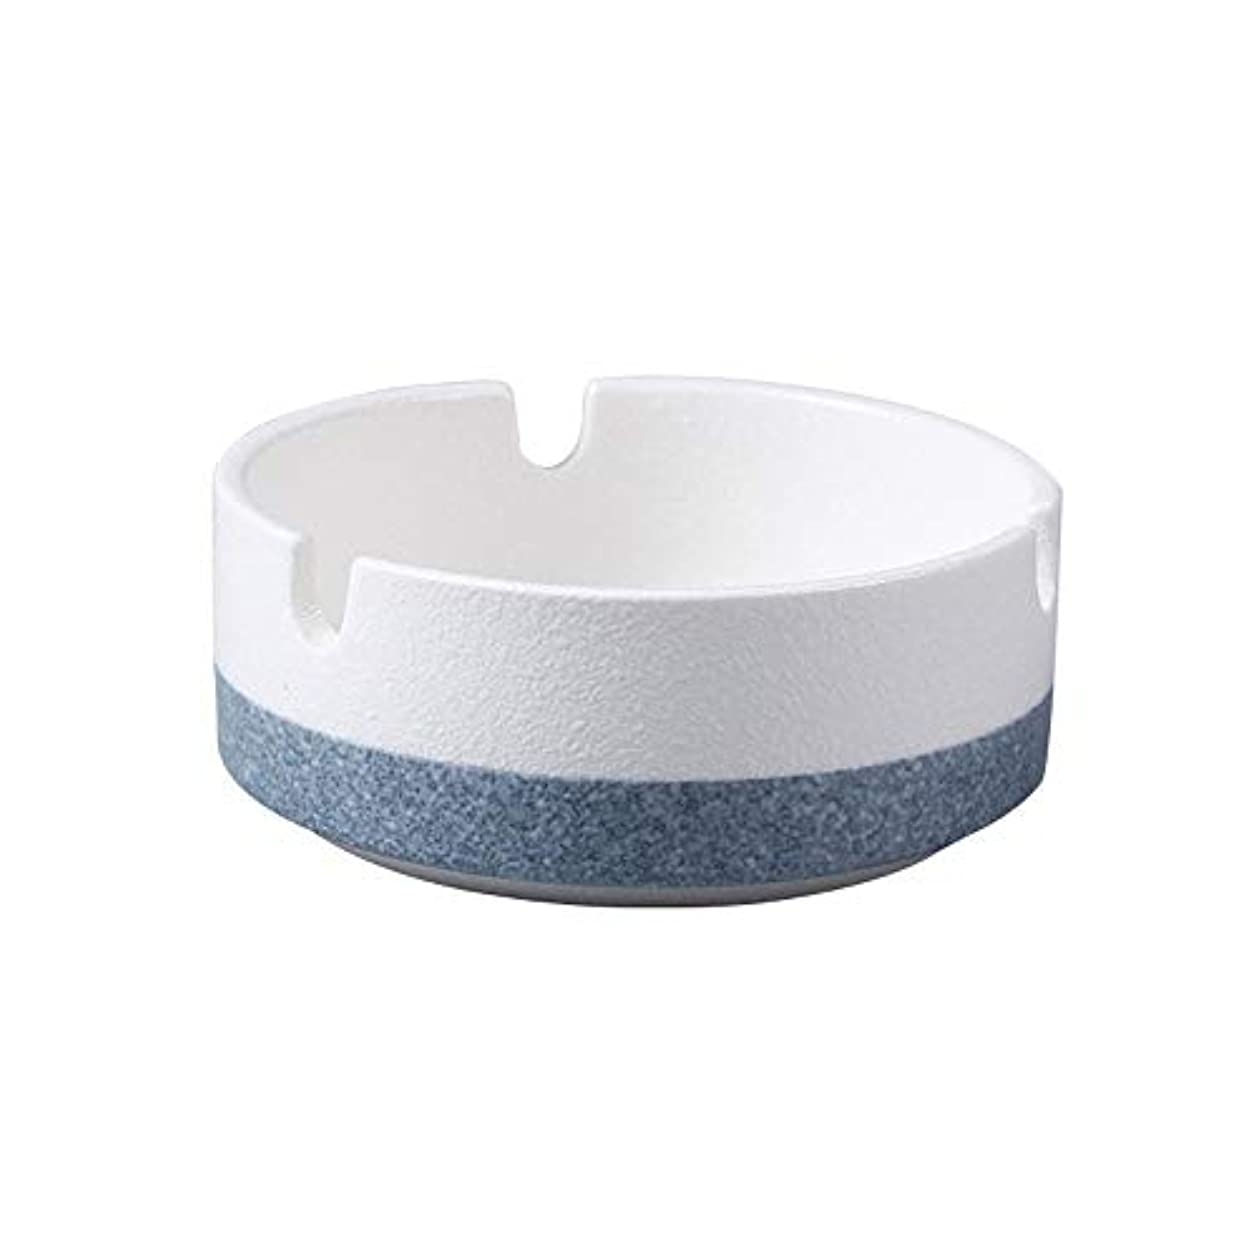 予防接種するやめる比率たばこ、贈り物、ホームオフィス用の丸い光沢のある灰皿(白)